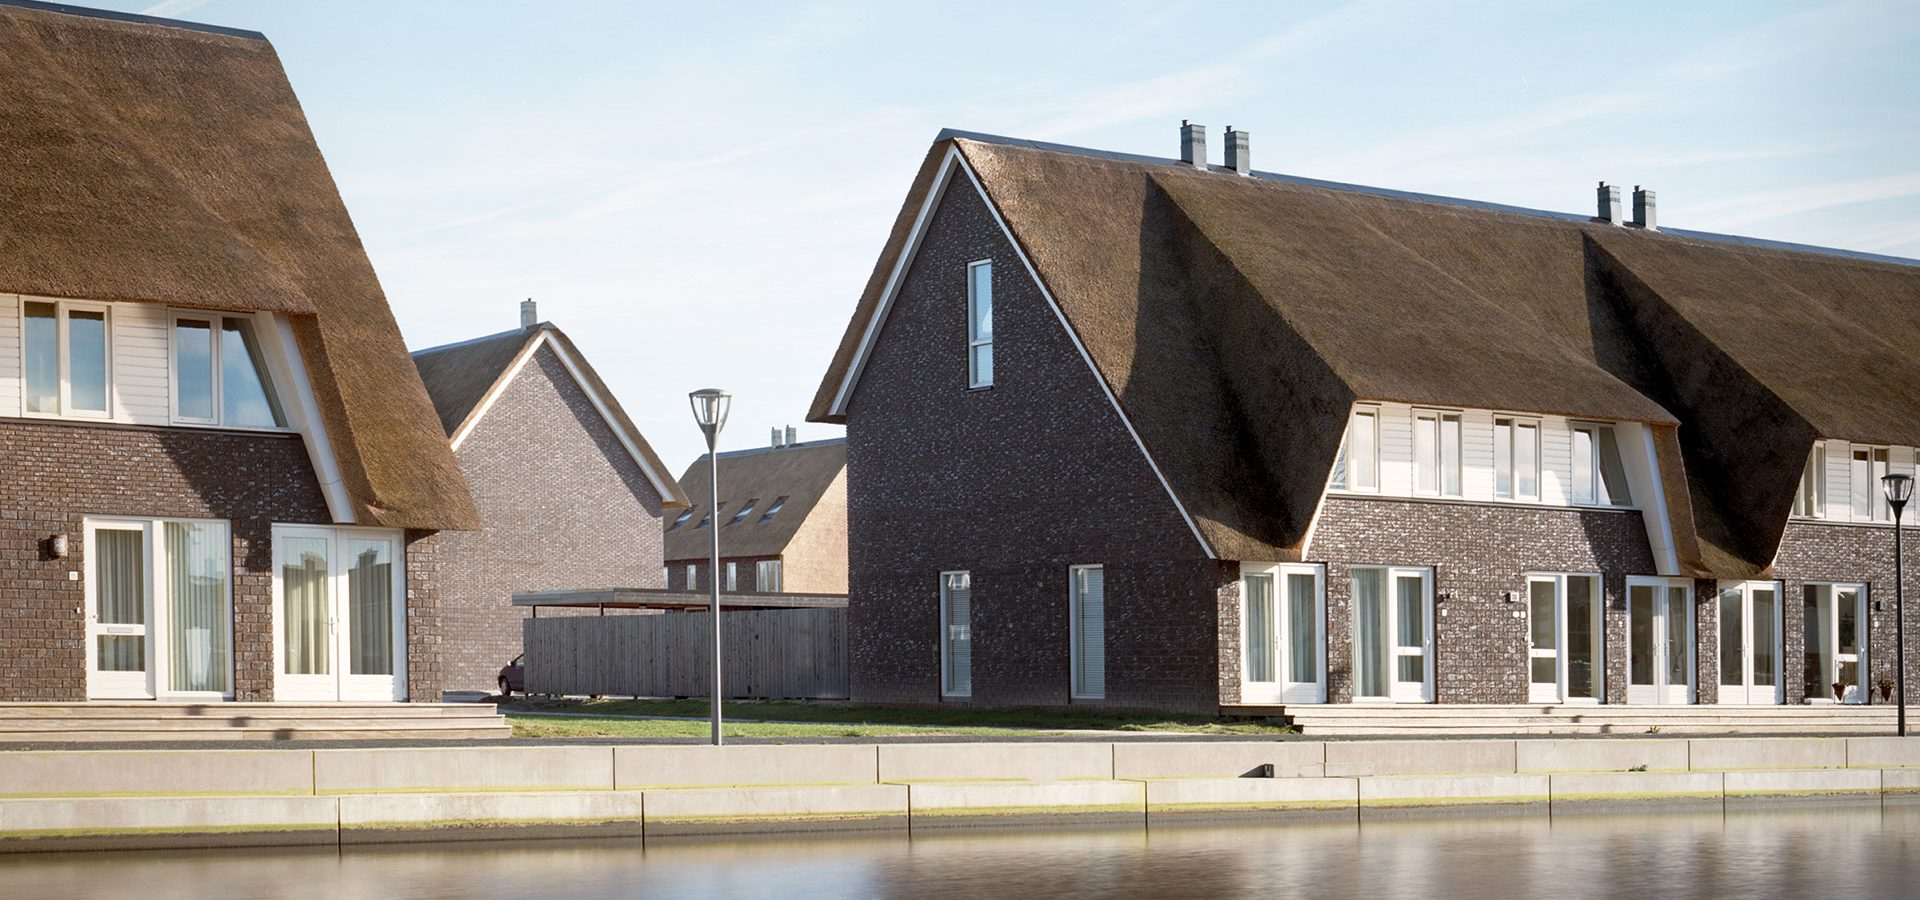 FARO architecten Rieten kappen Hoogeveen 02